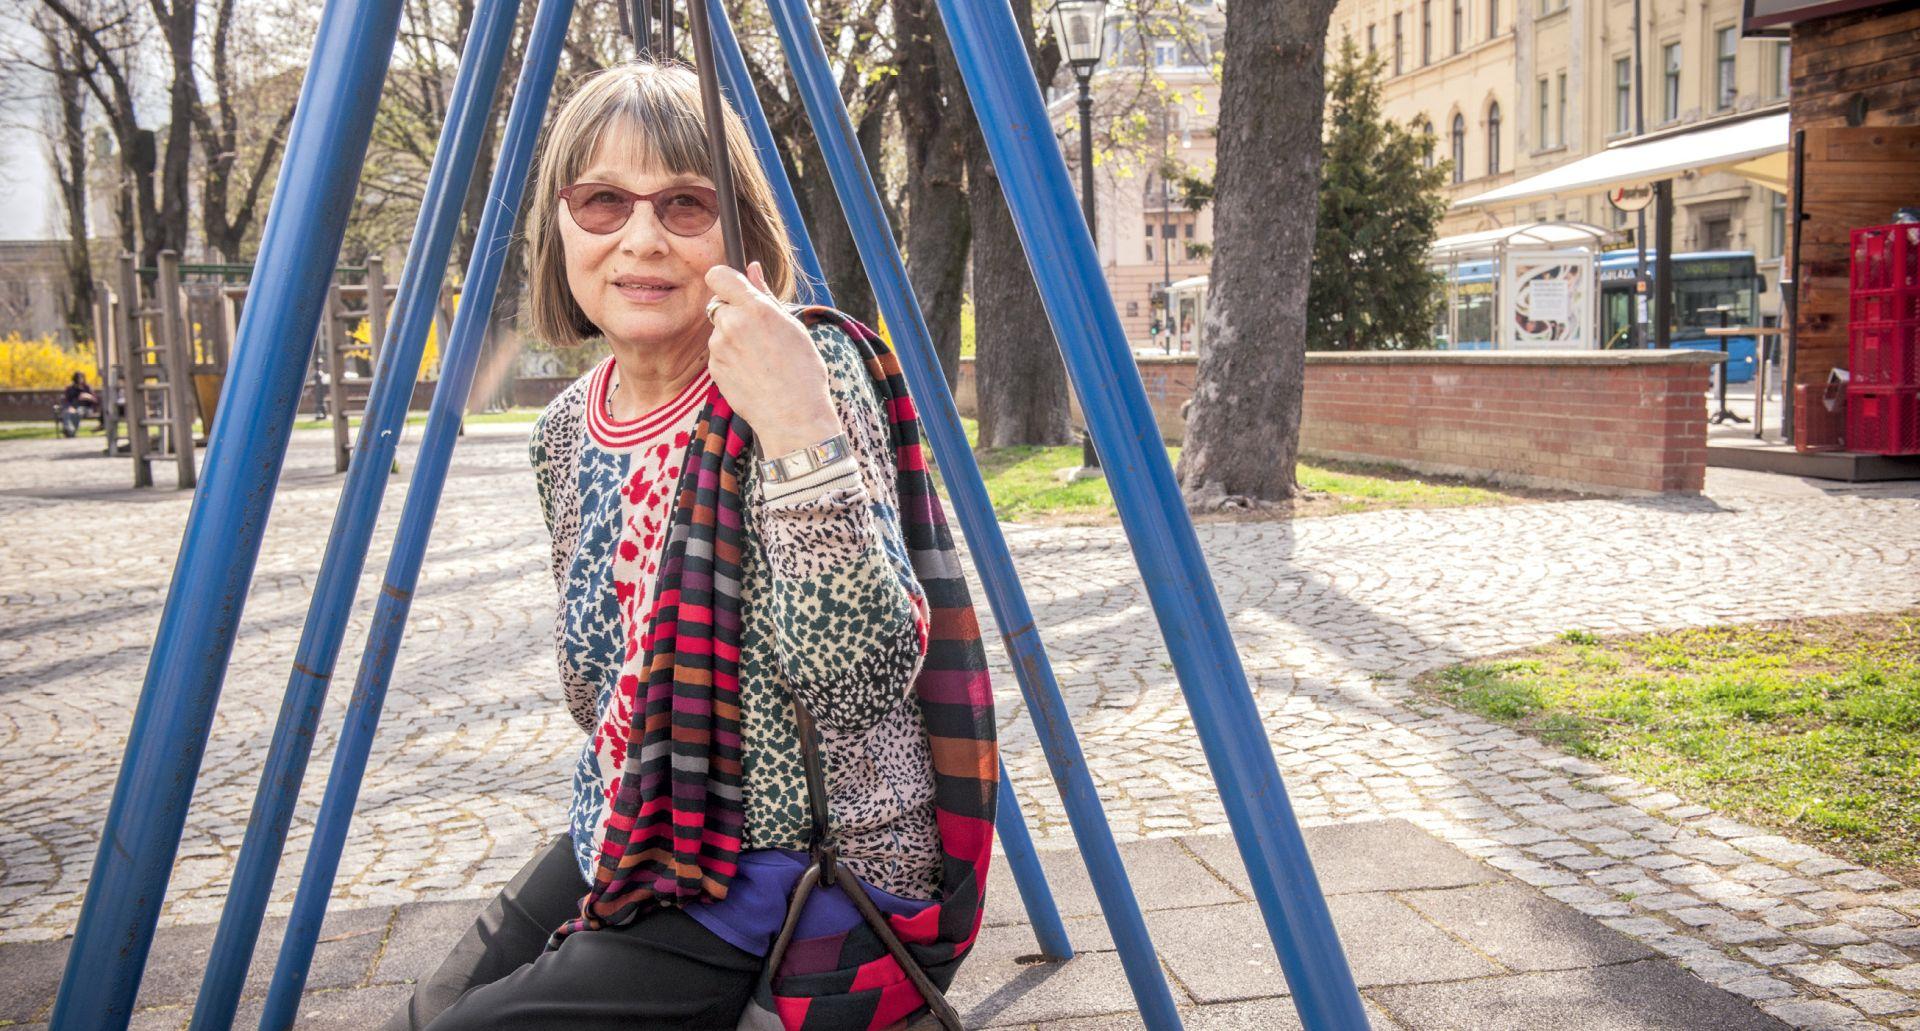 INTERVIEW: NATAŠA KANDIĆ 'Danas se u Srbiji na smjenu Miloševića gleda kao na prekinutu lijepu prošlost'